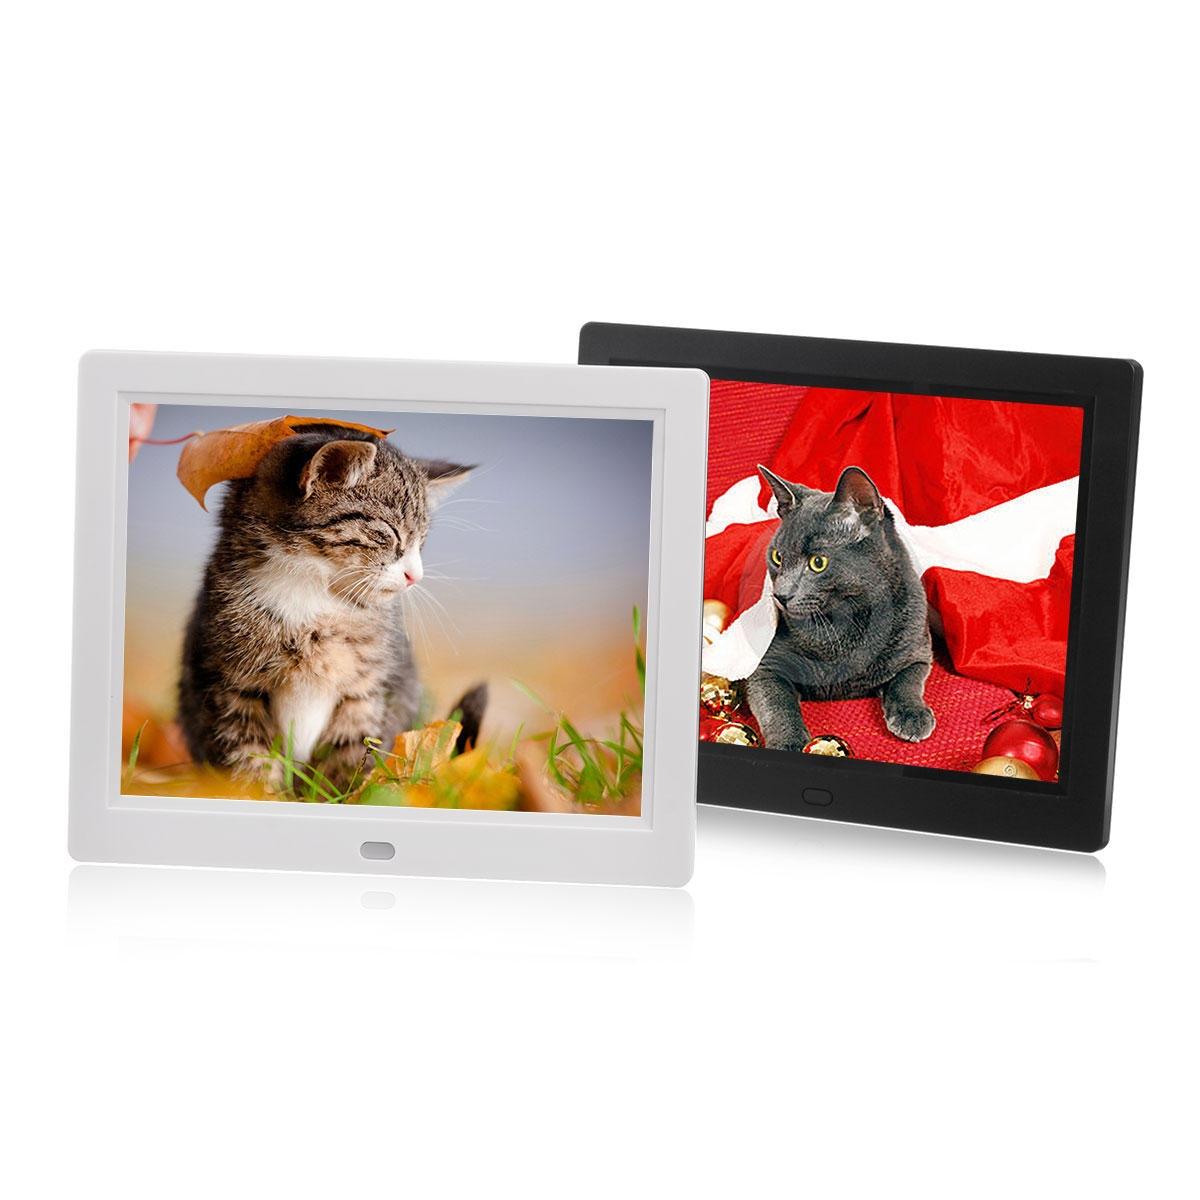 8-tums TFT LCD Digital fotoram Elektroniskt bildalbum MP3-videospelarsur